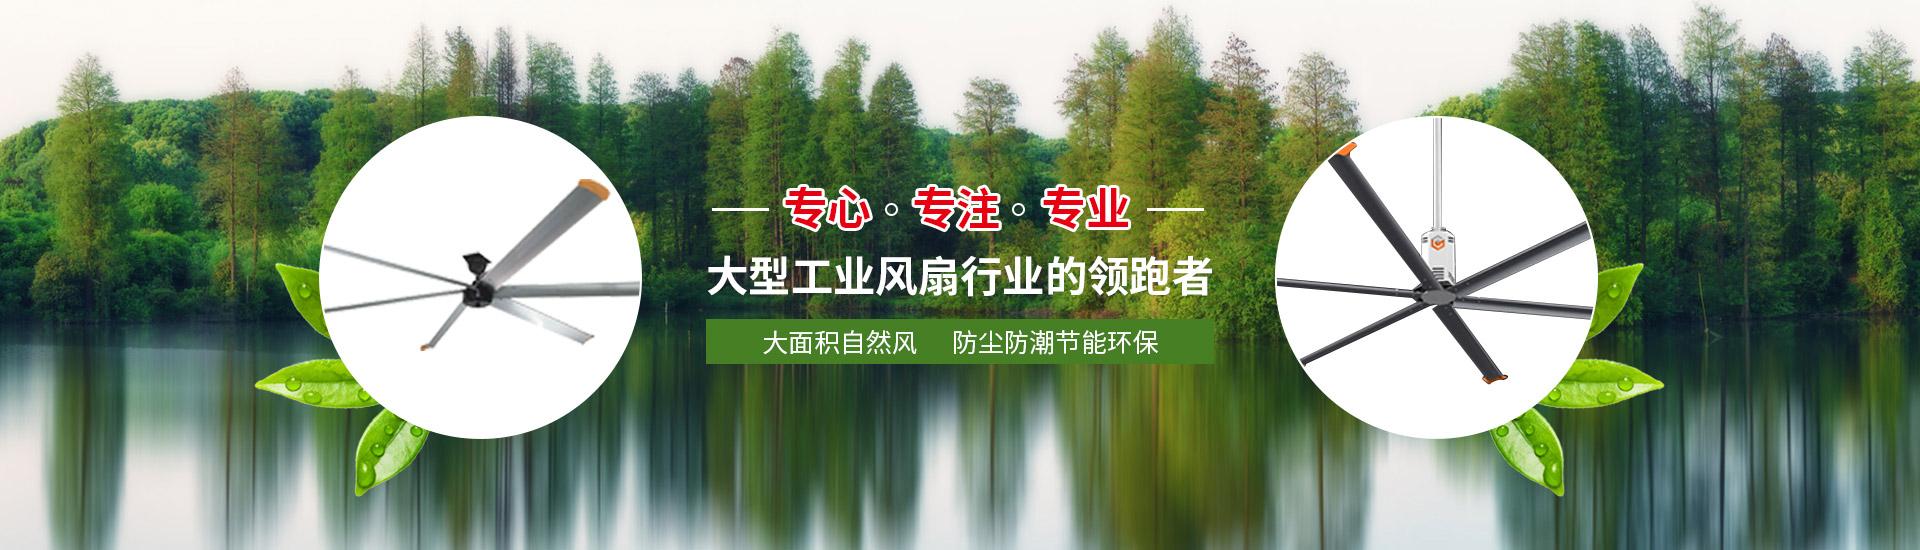 上海丹沃新能源科技有限公司